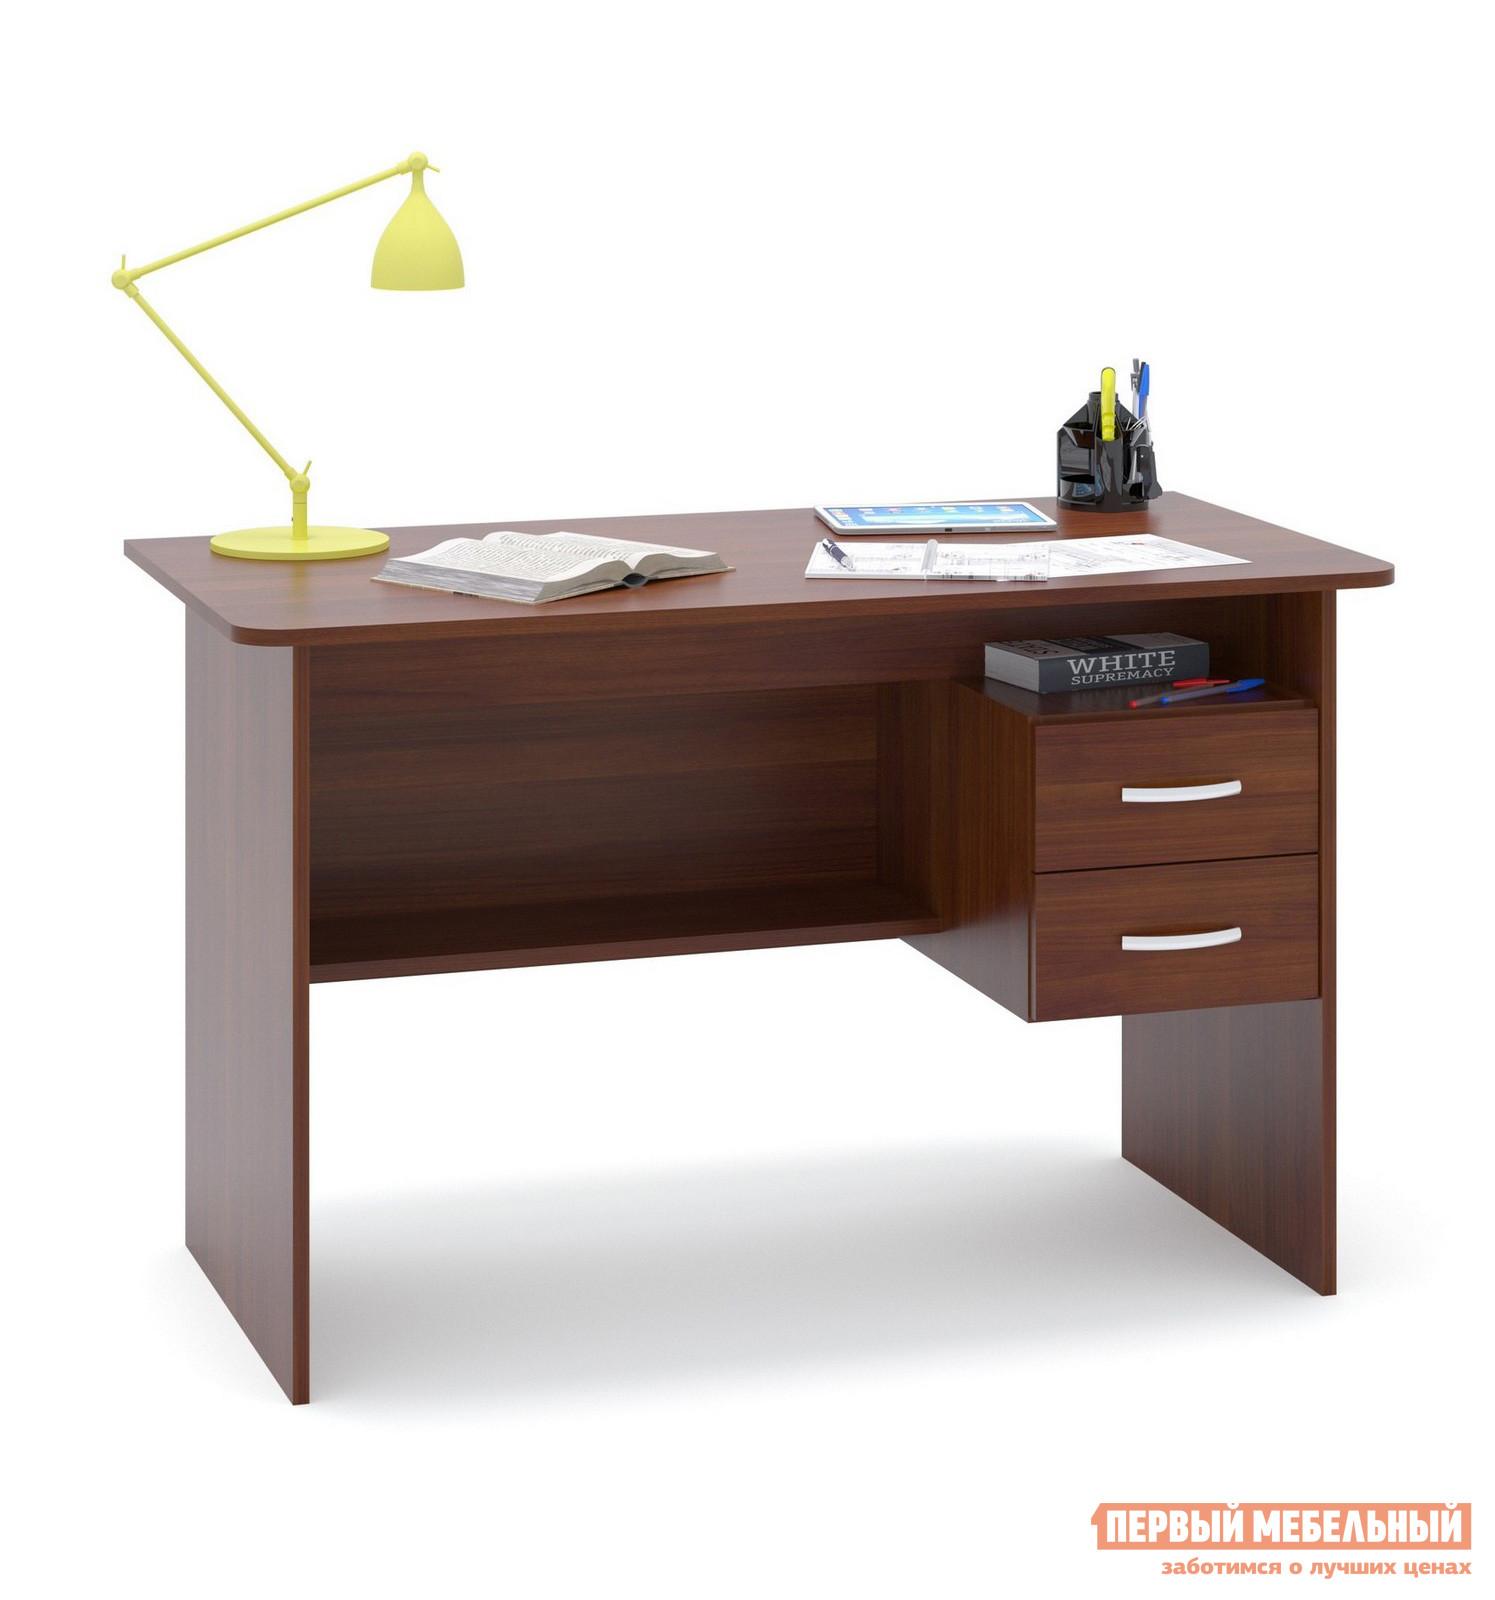 Письменный стол Сокол СПМ-07.1 Испанский орехПисьменные столы<br>Габаритные размеры ВхШхГ 740x1200x600 мм. Большой письменный стол со встроенной тумбой.  Внизу задней стенки также находится небольшая полочка.  Встроенная тумбы состоит из двух ящиков с открытой нишей сверху.  За таким столом удобно будет себя чувствовать и школьник и студент.  Стол также можно использовать как компьютерный. Внутренний размер ящиков — 211 х 354 мм. Высота от пола до ящиков составляет 290 мм, высота от пола до полки под столом — 310 мм. Высота полочки над ящиками — 124 мм. Стол универсален при сборке, тумбу можно расположить с любой стороны. Столешница изготовлена из ЛДСП отечественного производства толщиной 16 мм, отделана кромкой ПВХ 2 мм.  Рекомендуем сохранить инструкцию по сборке (паспорт изделия) до истечения гарантийного срока.<br><br>Цвет: Испанский орех<br>Цвет: Красное дерево<br>Высота мм: 740<br>Ширина мм: 1200<br>Глубина мм: 600<br>Кол-во упаковок: 1<br>Форма поставки: В разобранном виде<br>Срок гарантии: 2 года<br>Тип: Прямые<br>Материал: Деревянные, из ЛДСП<br>Размер: Большие, Шириной 120 см<br>Особенности: С ящиками, Без надстройки, С тумбой<br>Стиль: Современный, Модерн